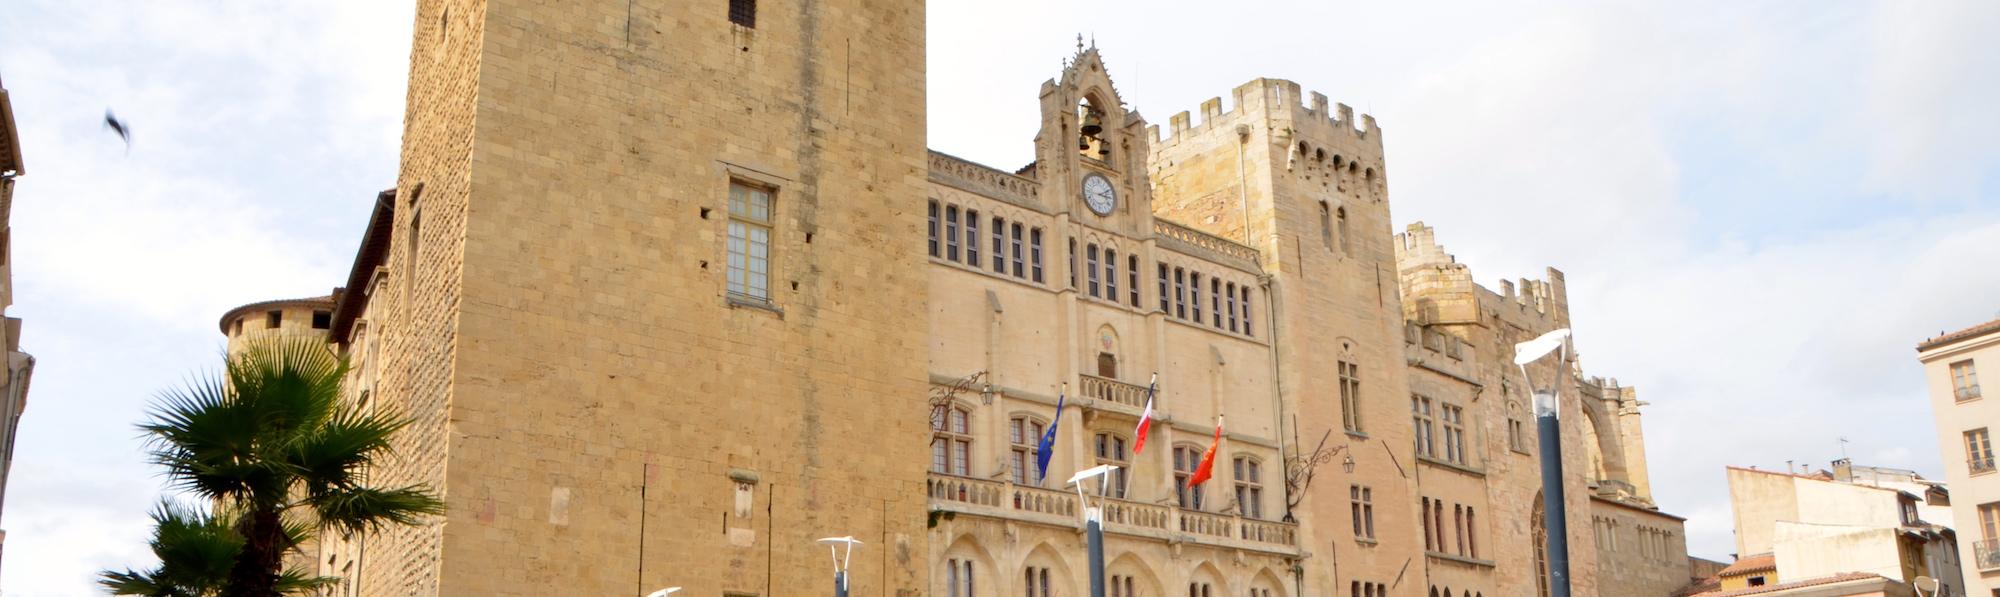 Plaza del Ayuntamiento, Narbona